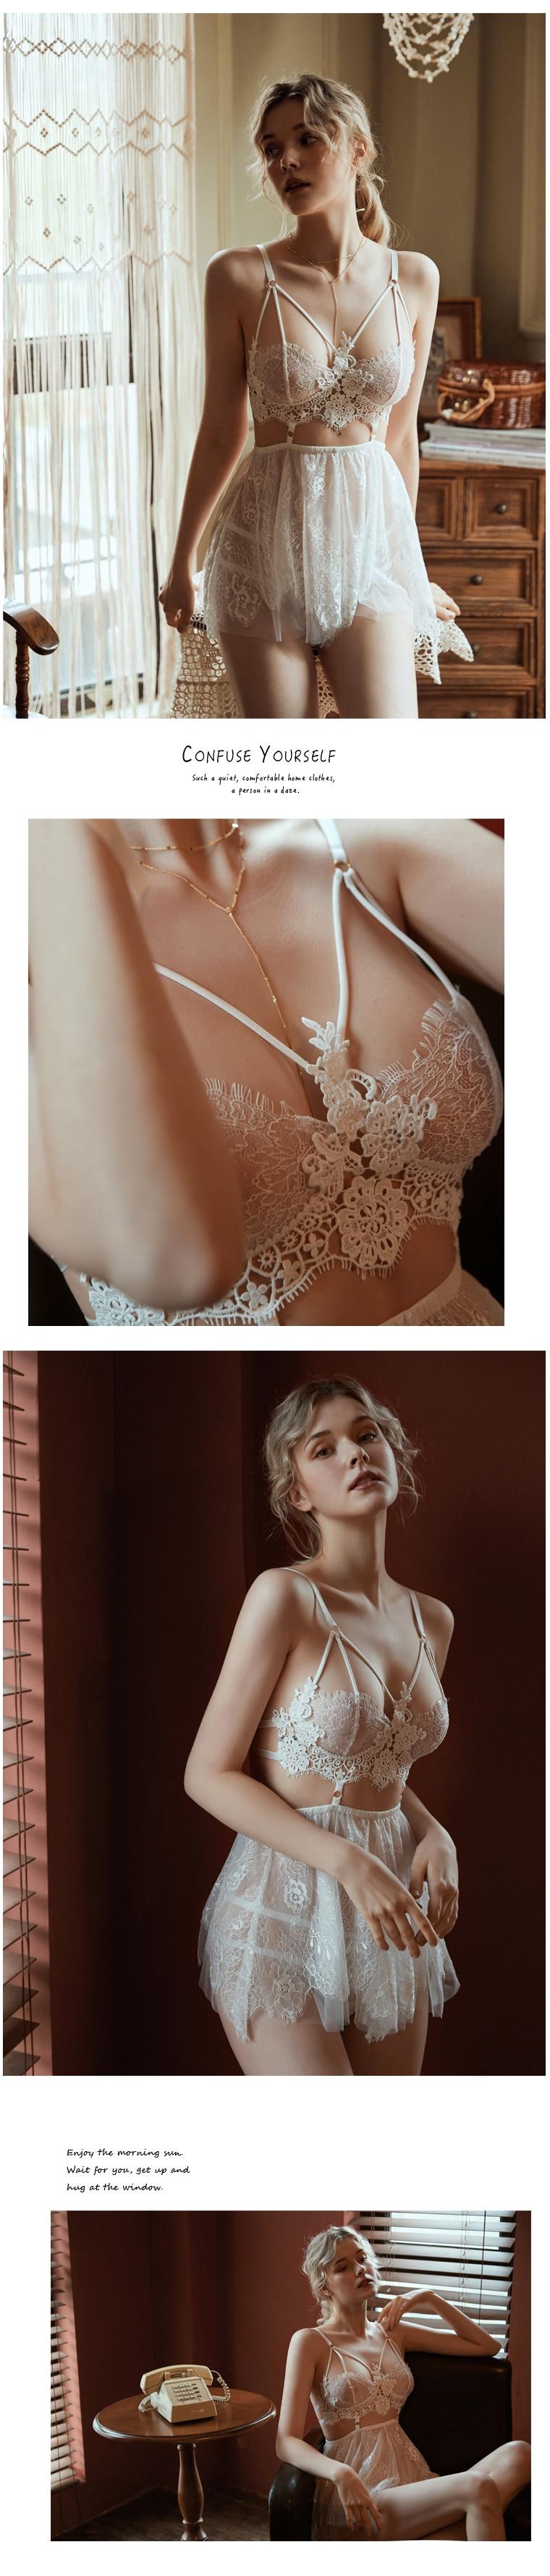 HTB1LsCFak9E3KVjSZFrq6y0UVXa2 White Angel Sexy Dress